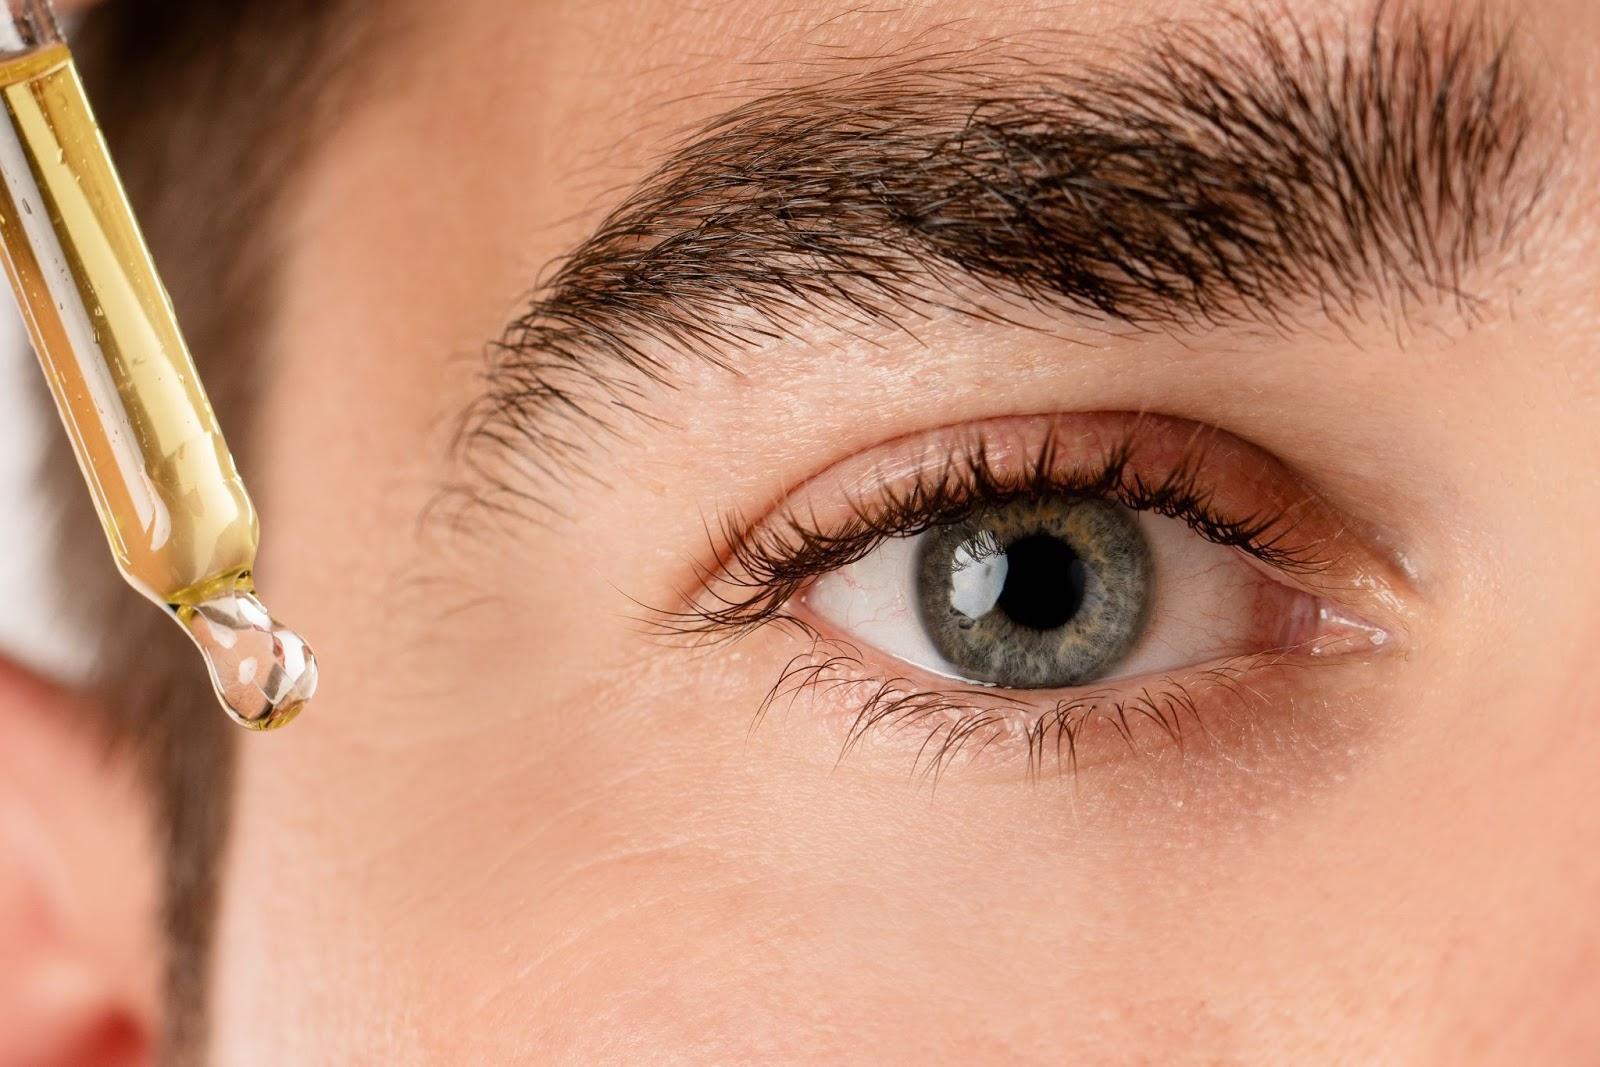 How do eyelash serum works?